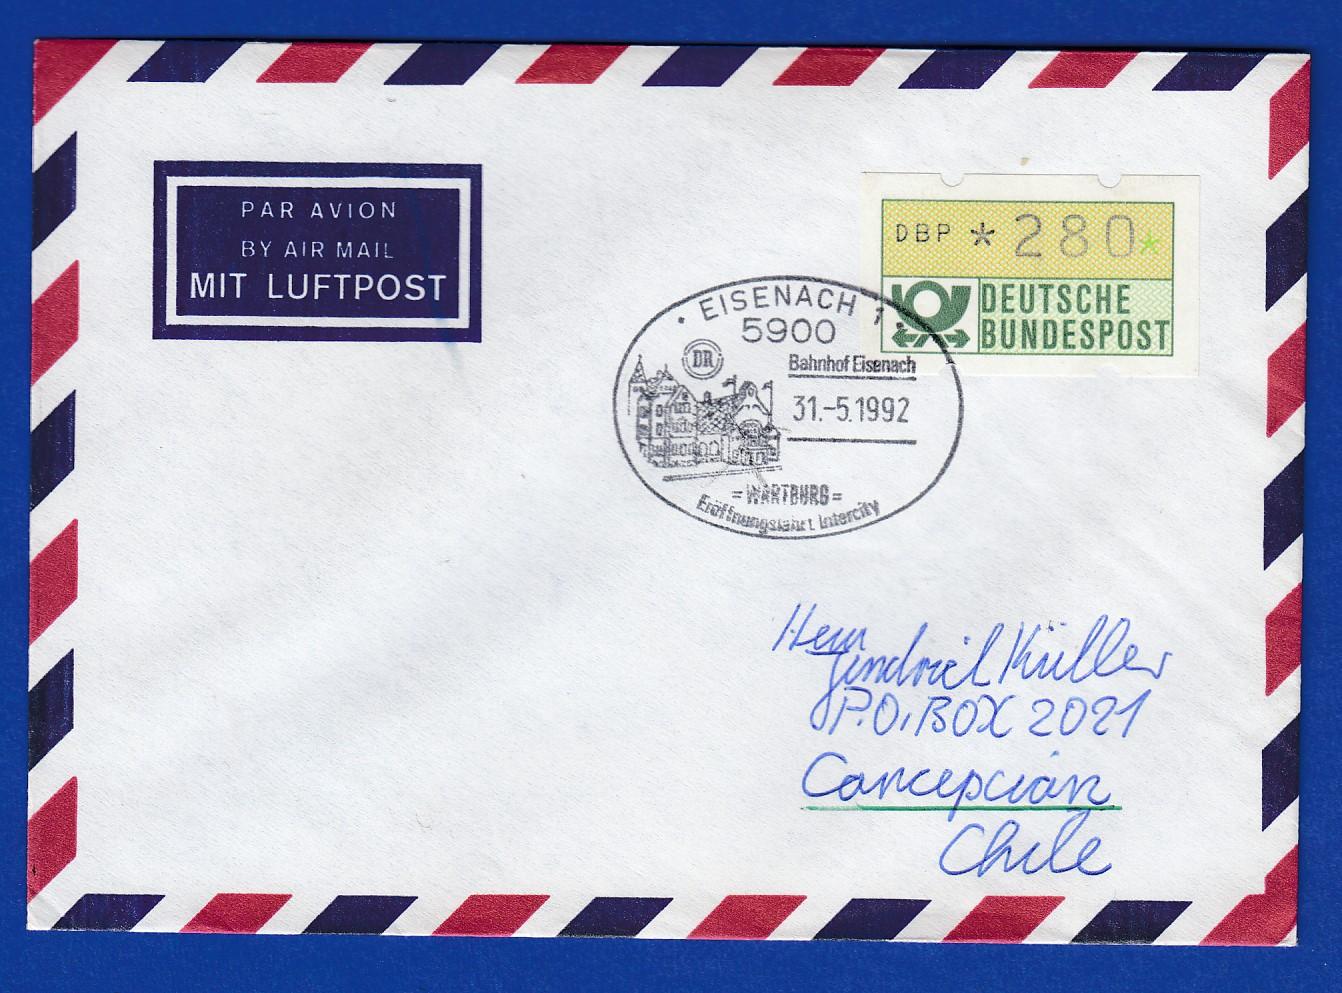 Briefe Nach Chile : Atm wert pfg auf luftpost brief nach chile